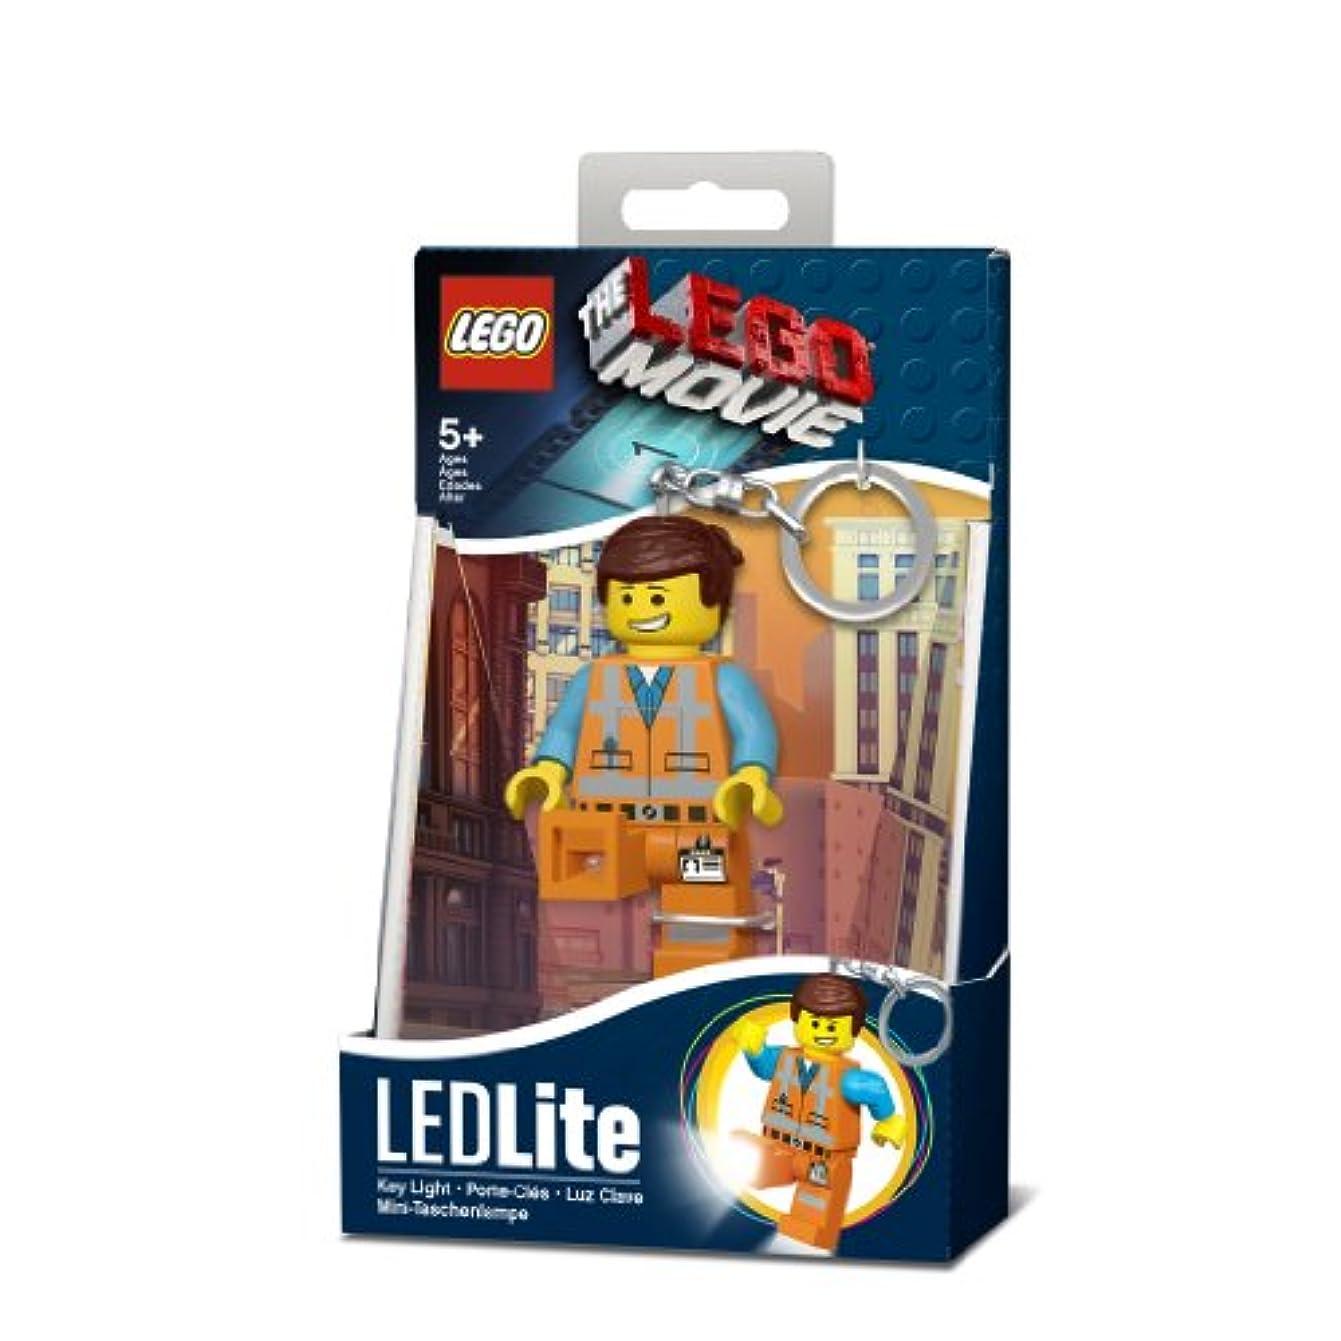 振幅メイト米国LEGO(レゴ) LEGO(レゴ) エメットキーライト 37374